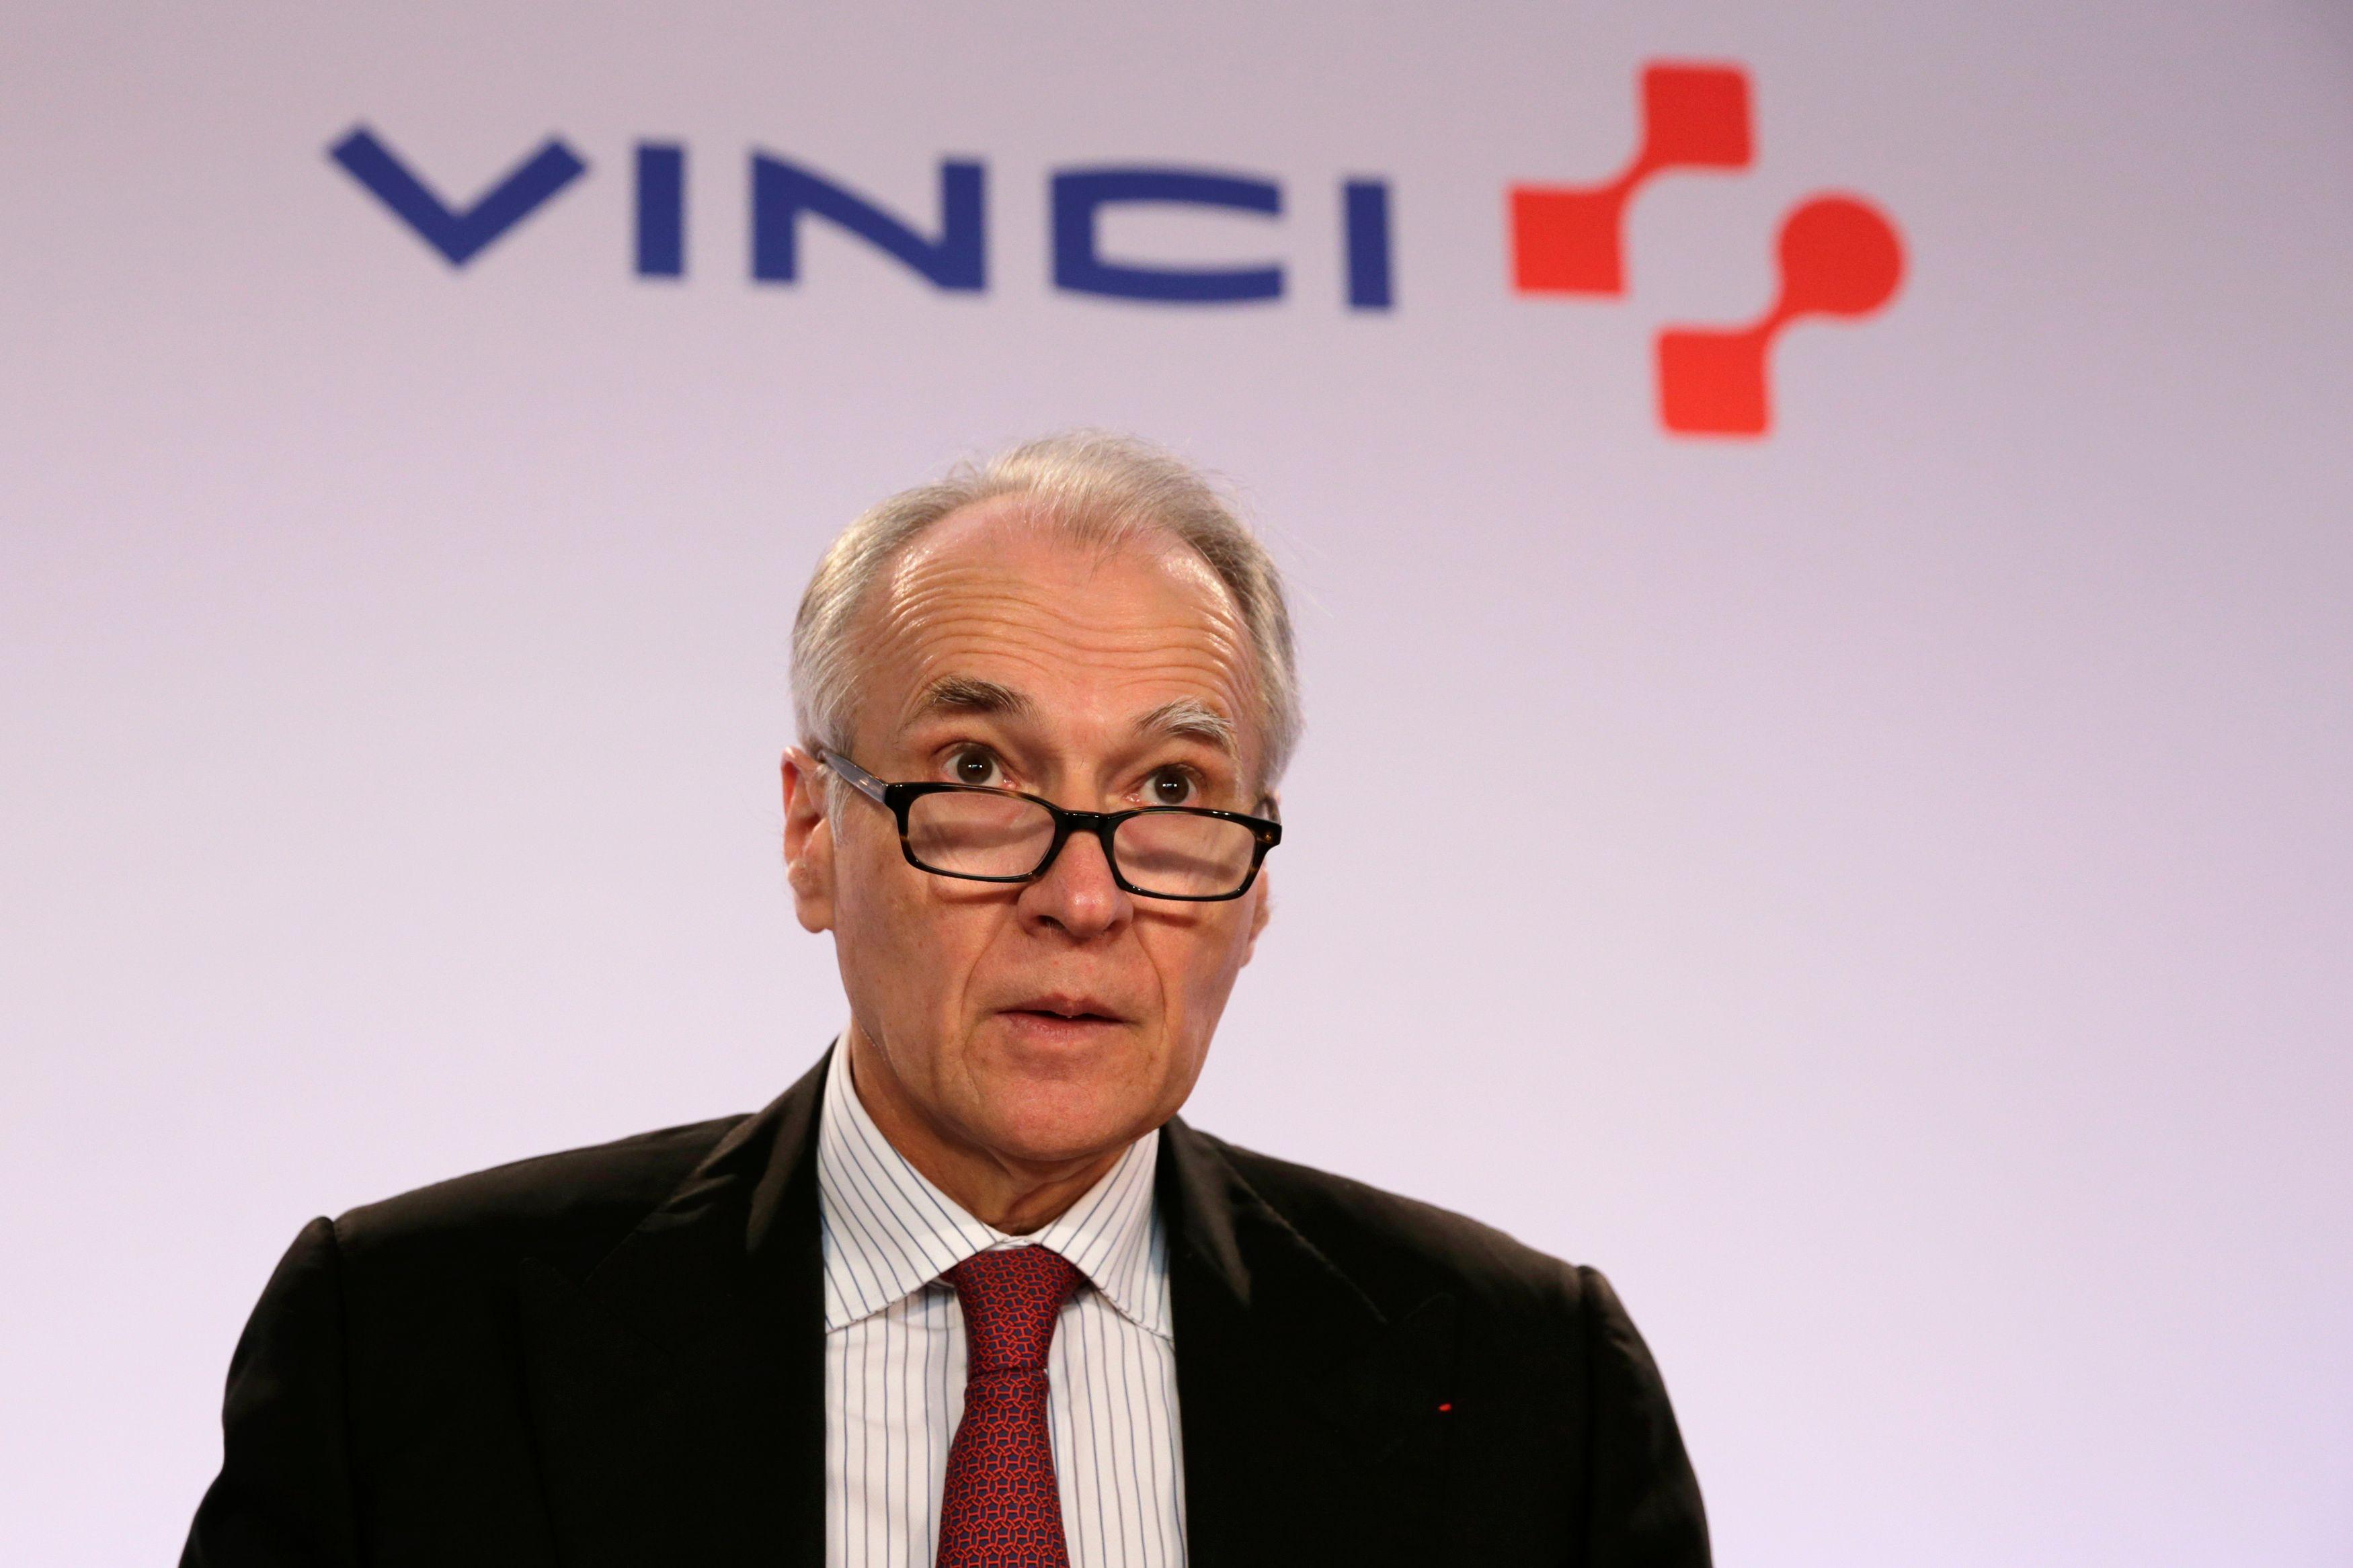 Bourse : le faux qui a fait s'effondrer l'action de Vinci